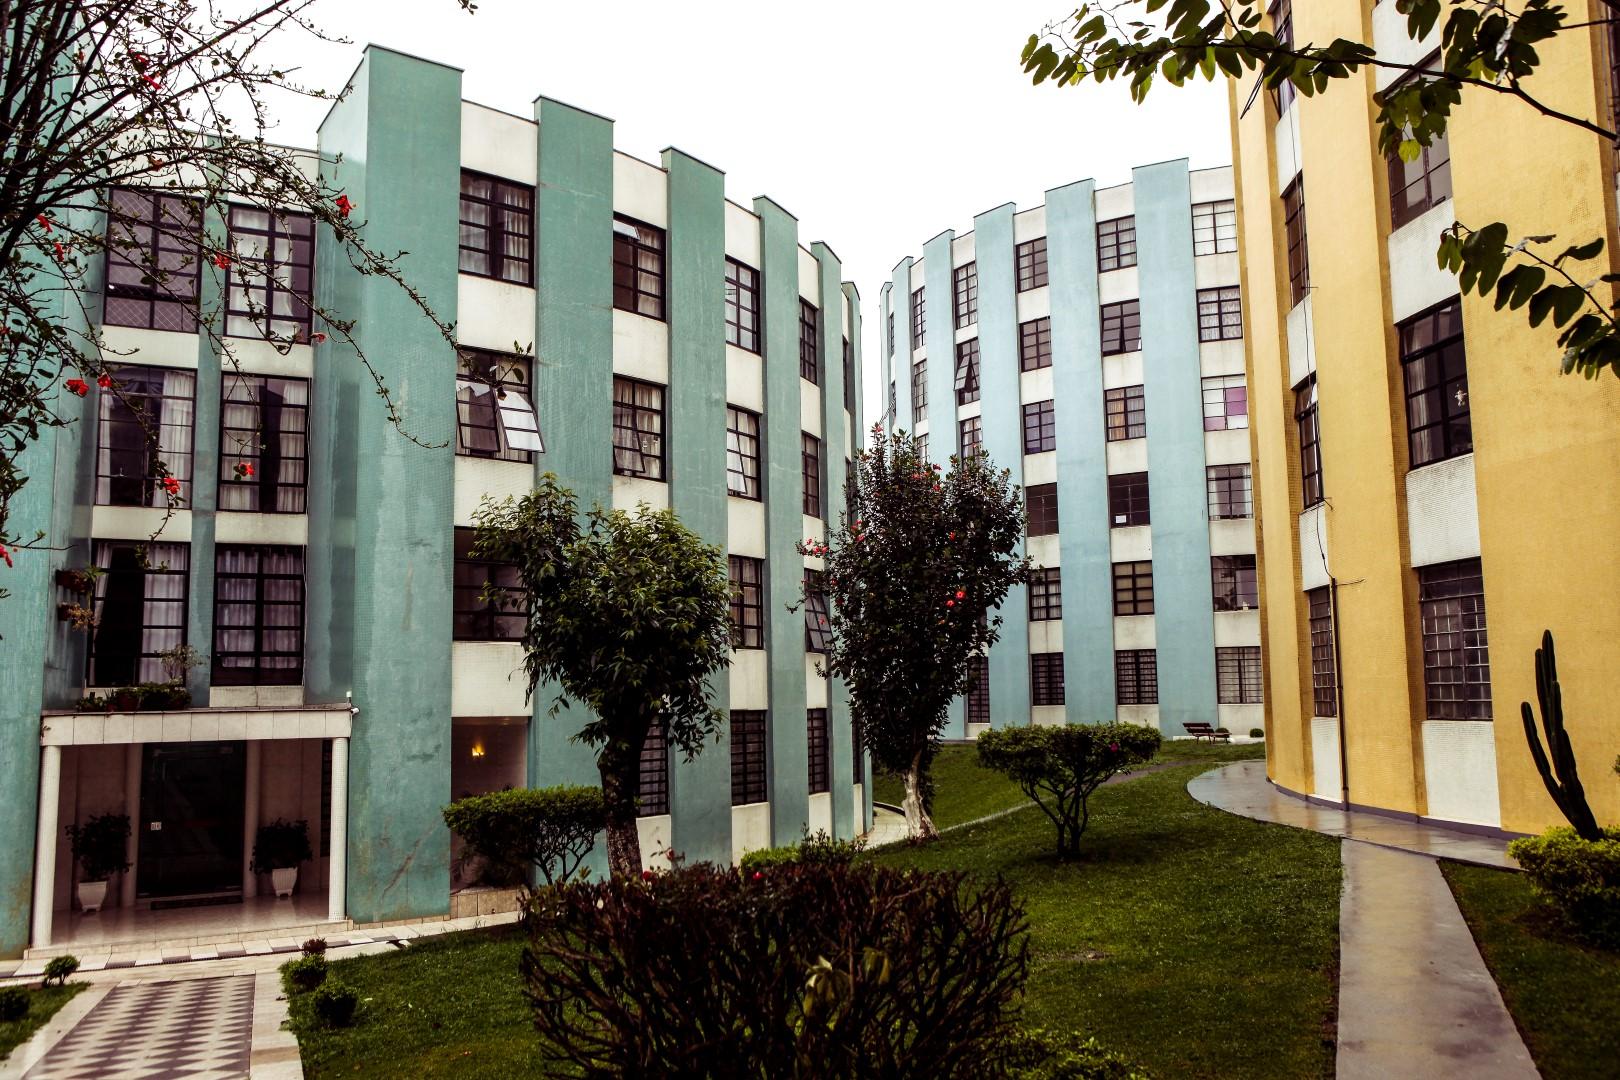 Condominio Cruzeiro do Sul, no Jardim Botânico, em Curitiba.  Foto: André Rodrigues / Gazeta do Povo